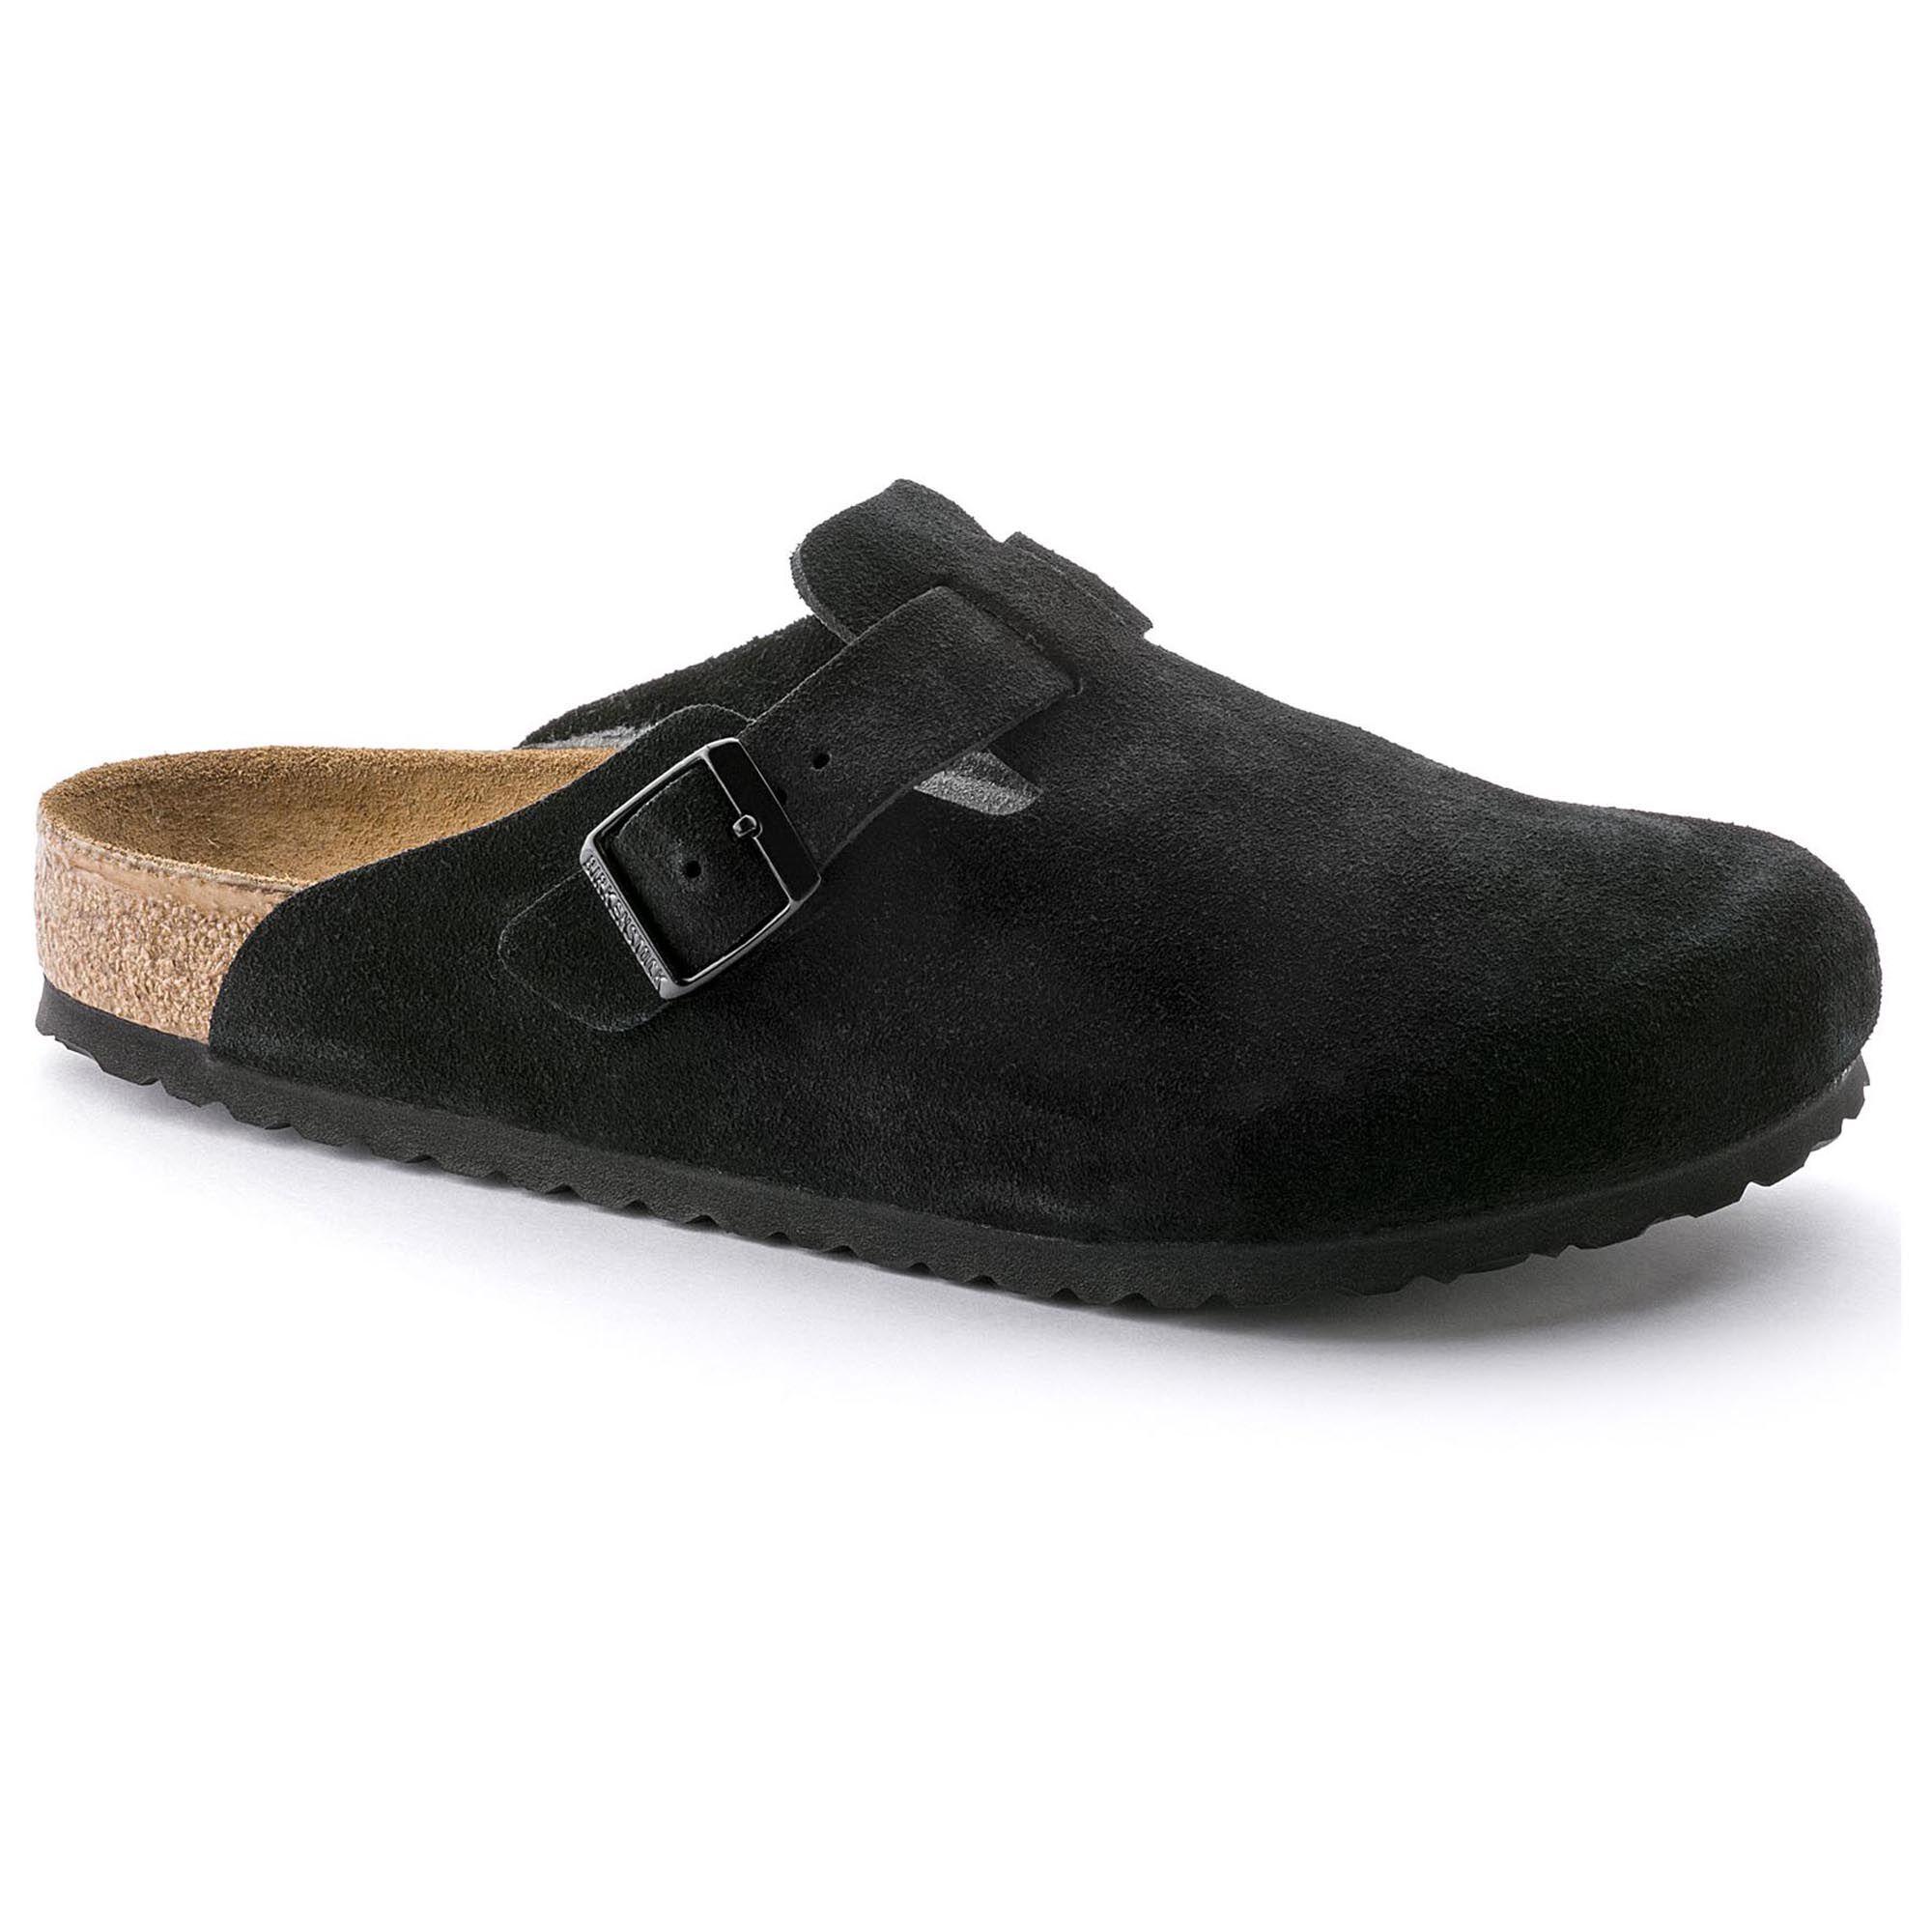 Boston Suede Leather. Boston Suede Leather Soft Footbed Black